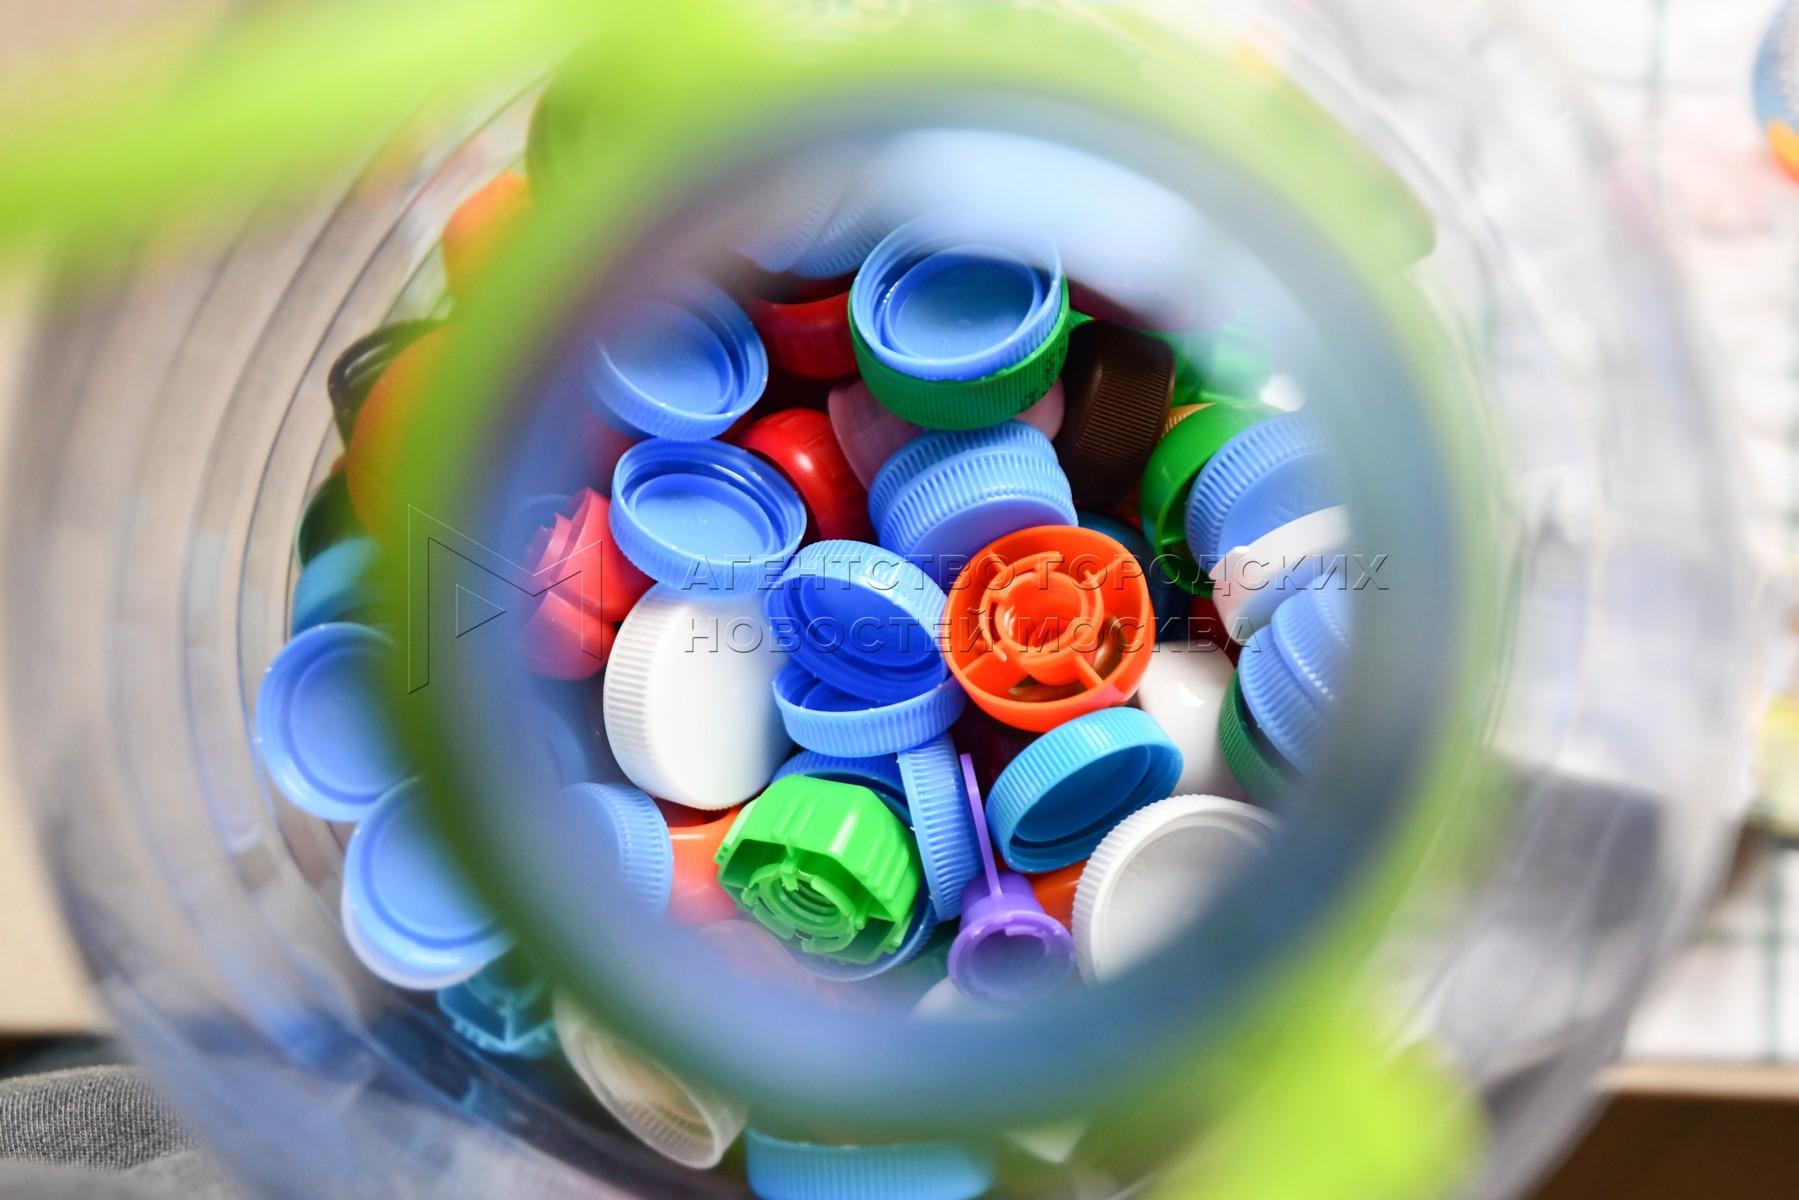 Раздельный сбор и сортировка мусора москвичами.